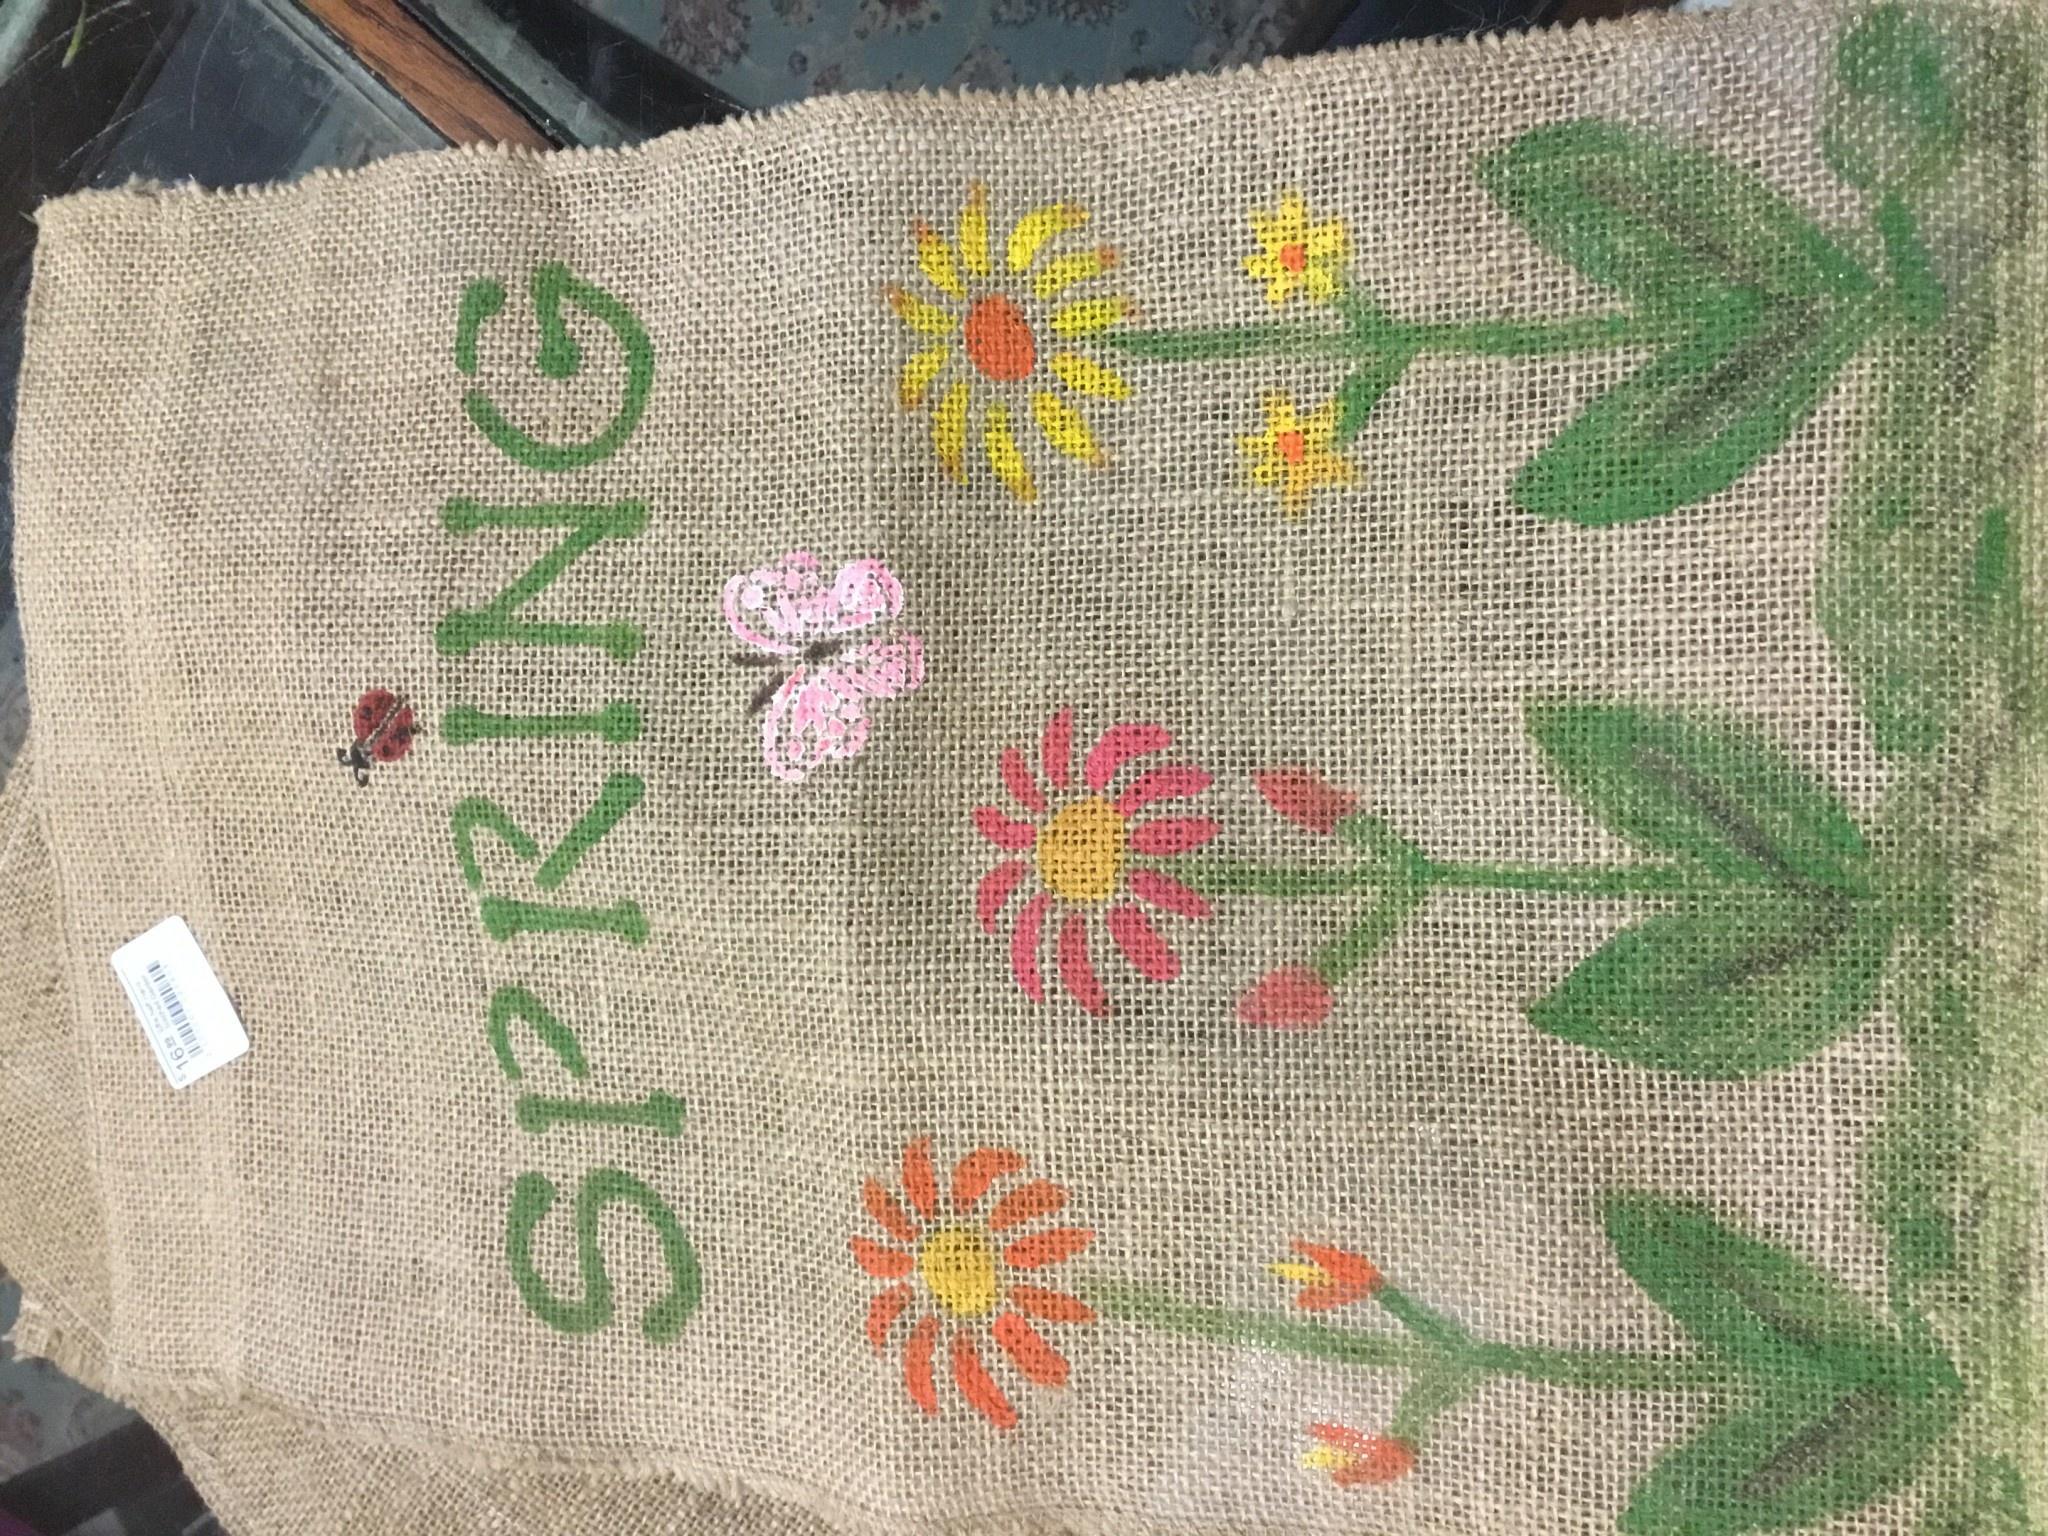 Effie Neff  Hand Stitched Garden Flag Burlap